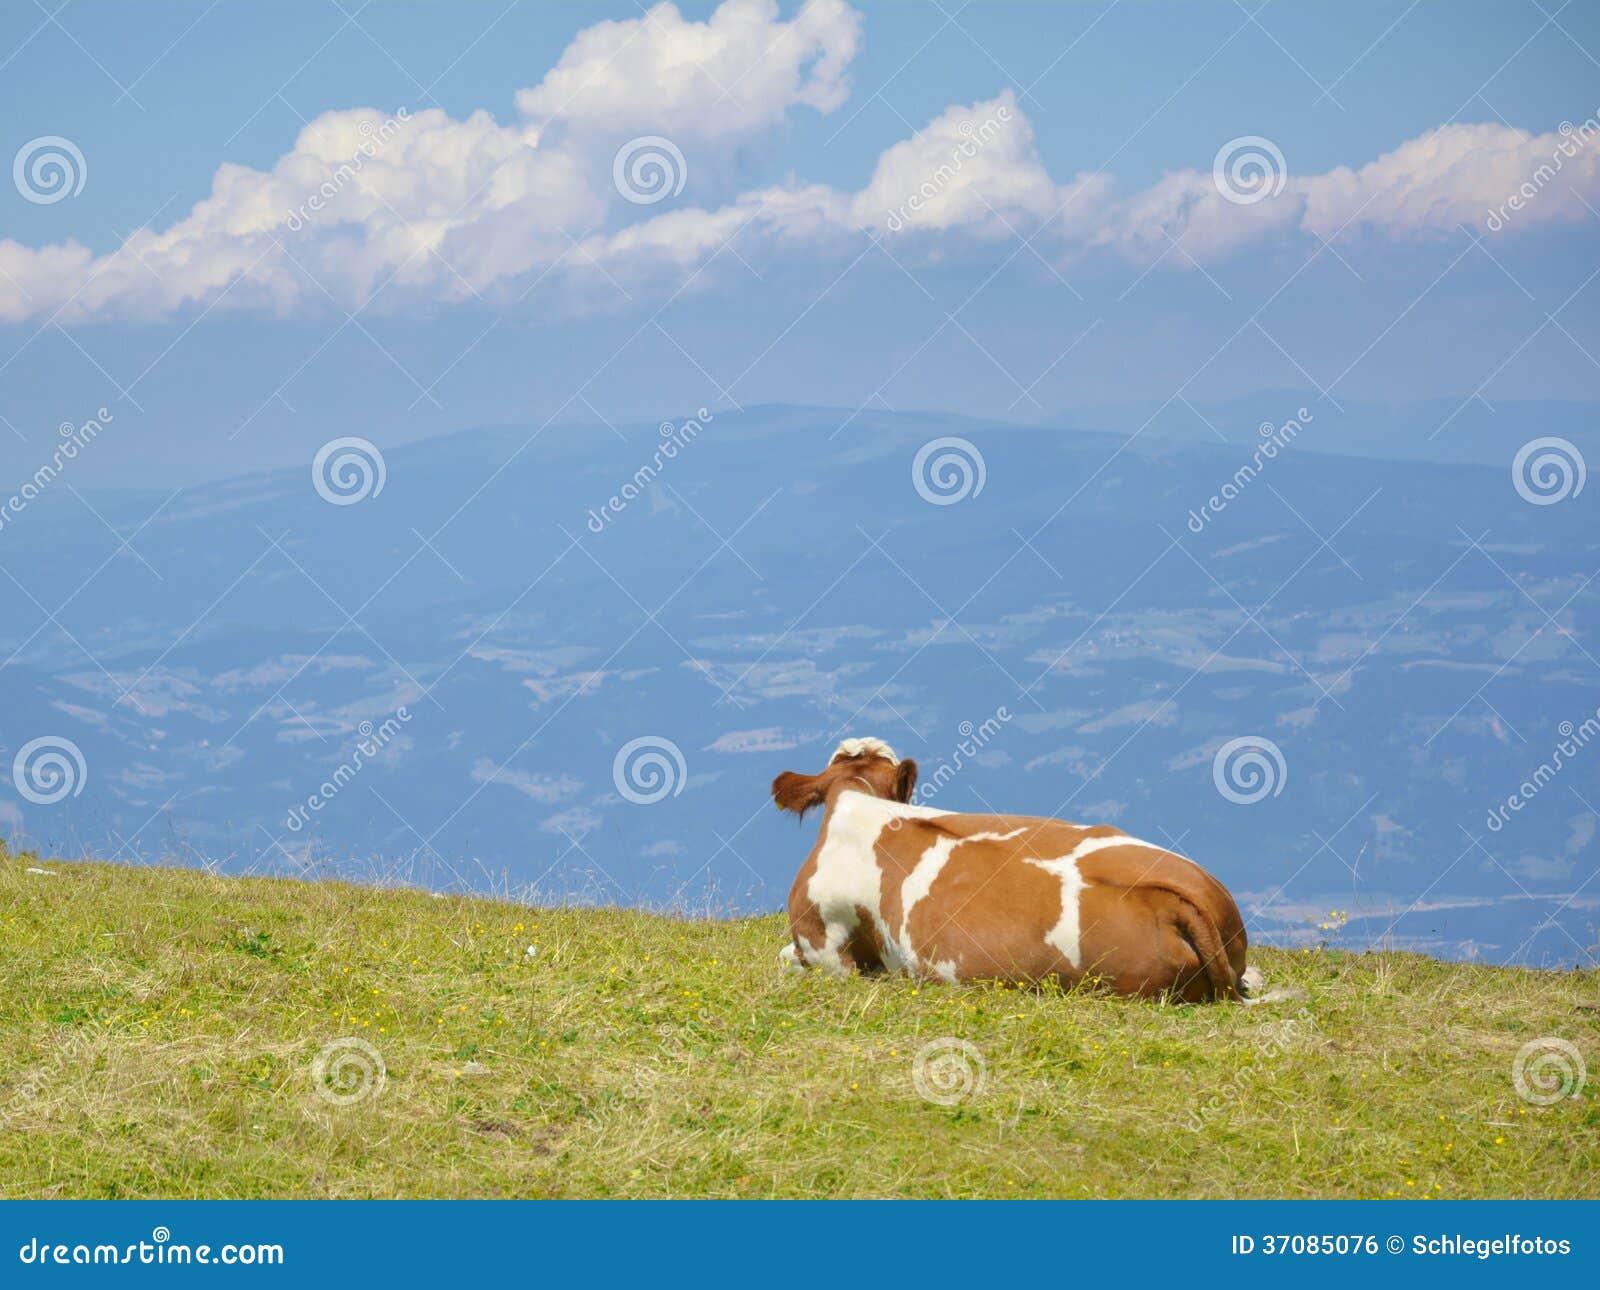 Download Krowa w natur alps zdjęcie stock. Obraz złożonej z krajobraz - 37085076